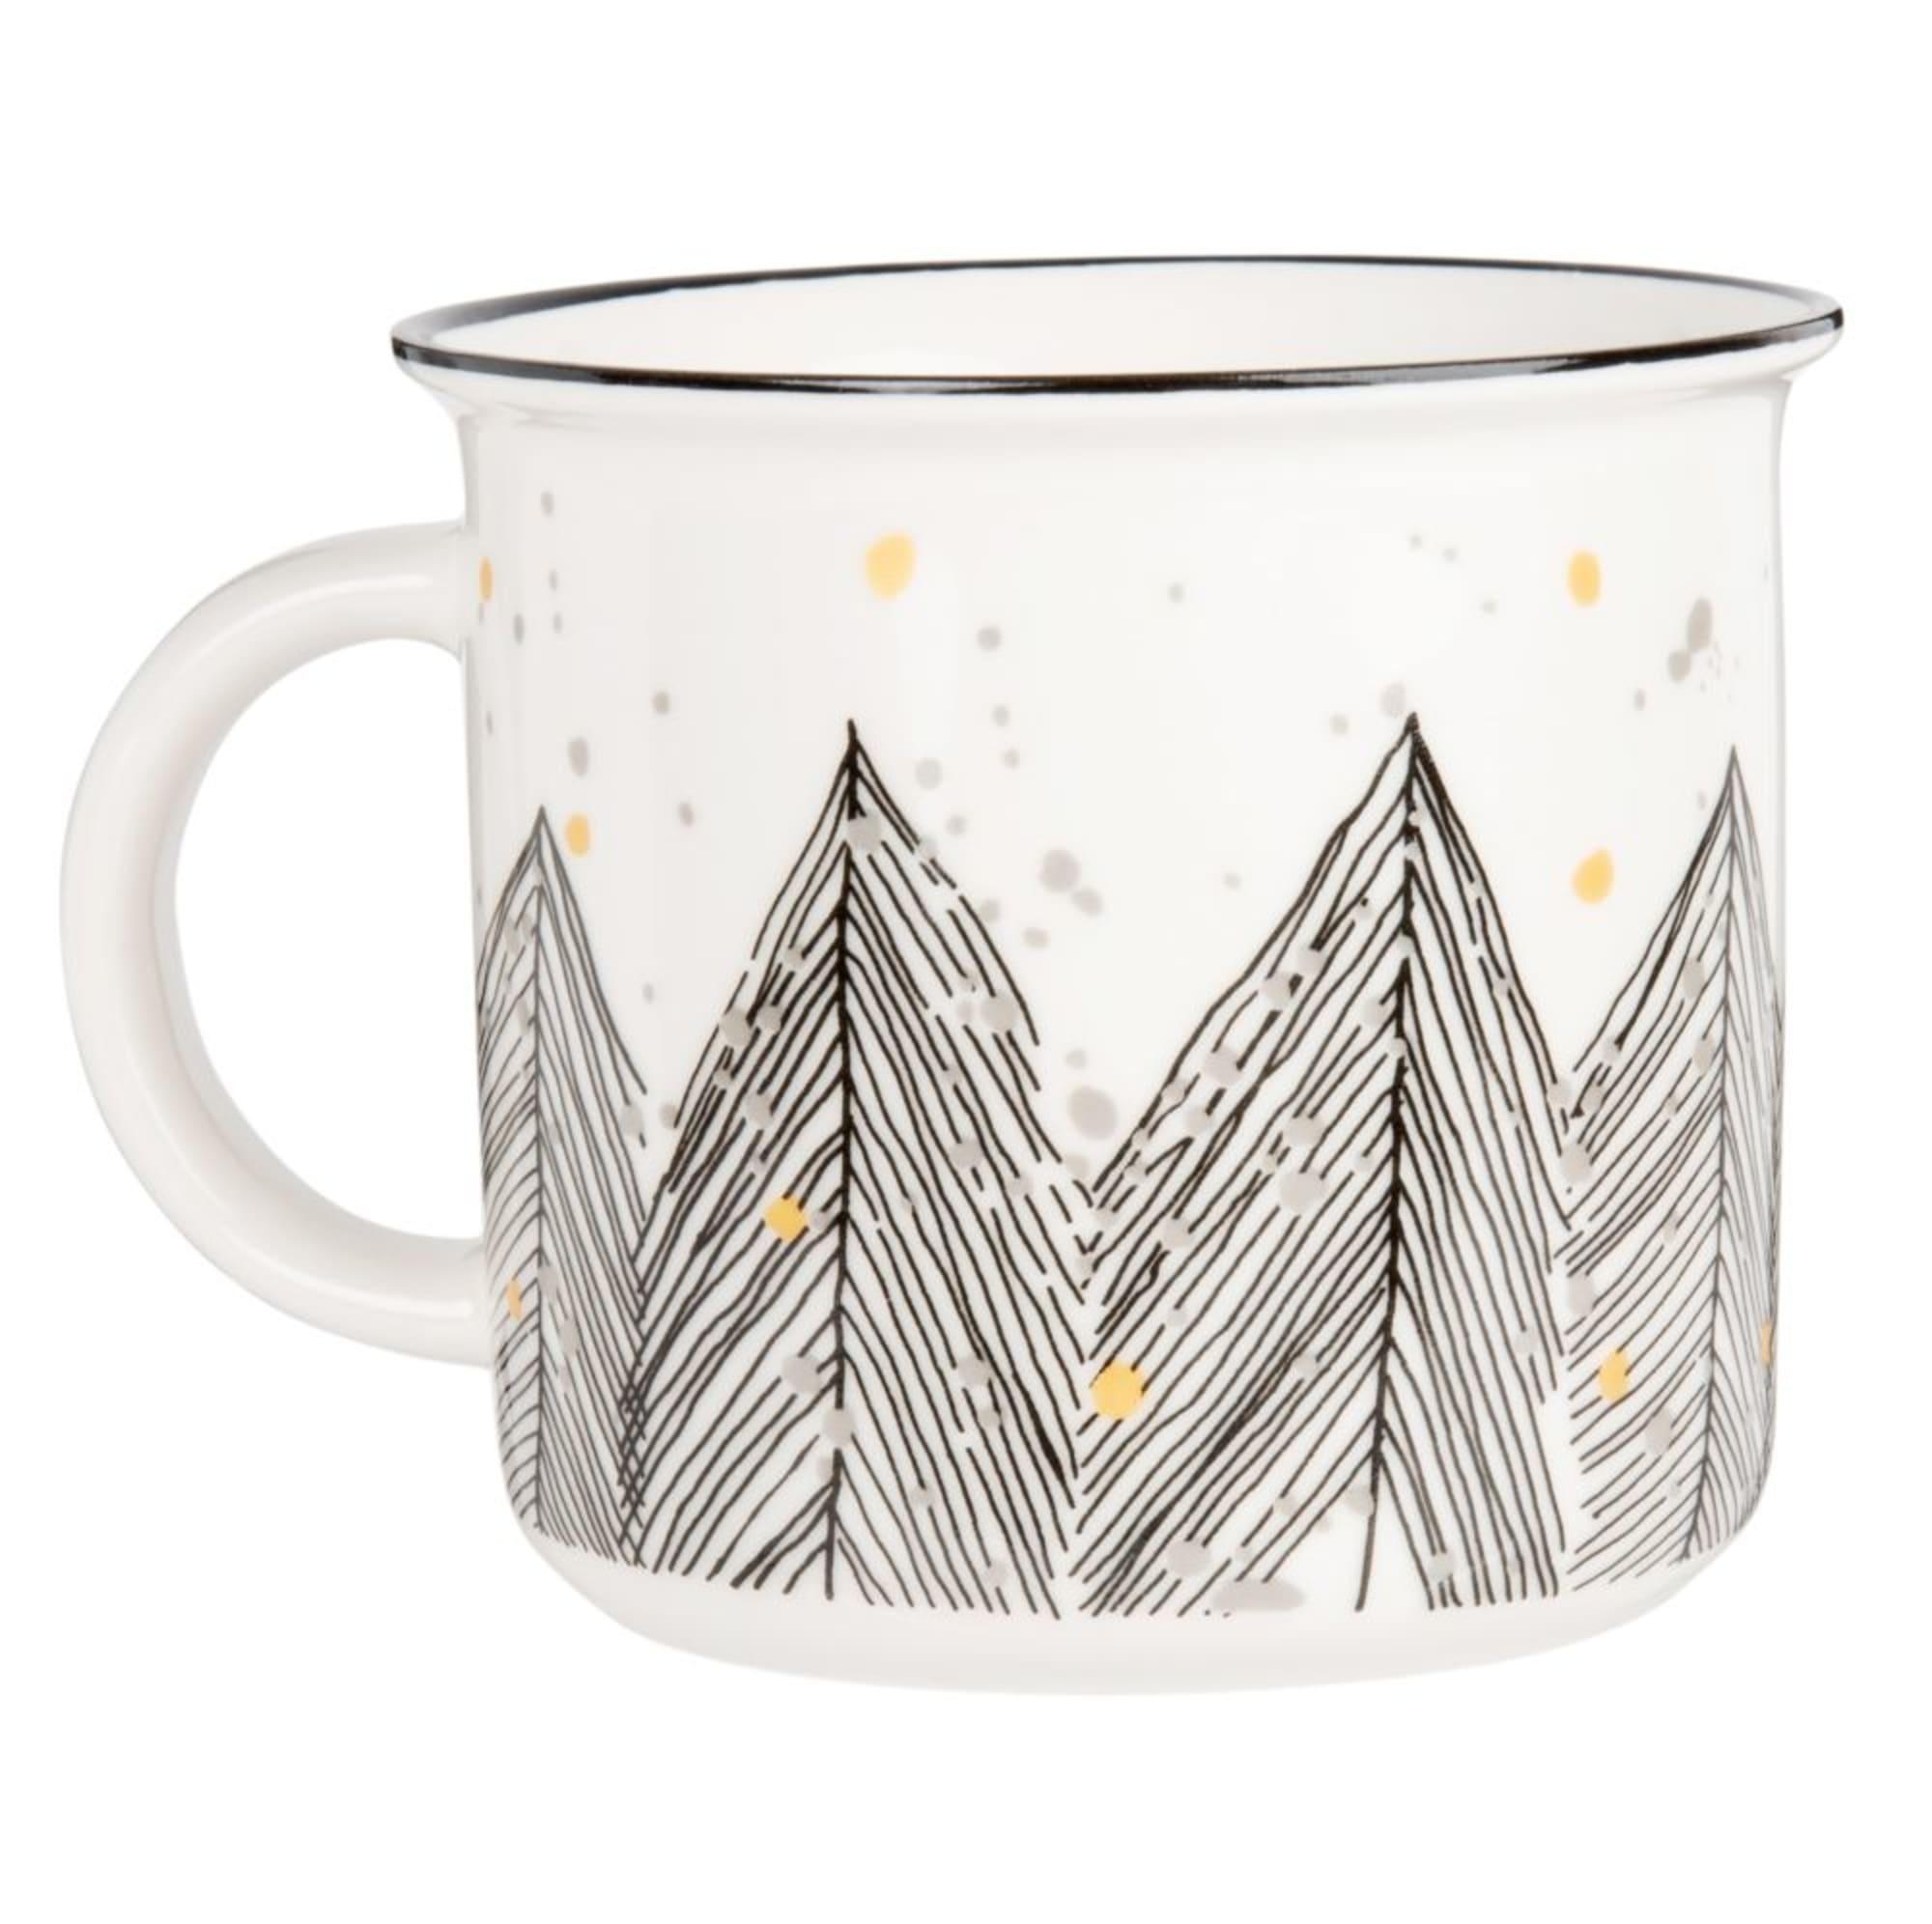 Taza de loza blanca con estampado de árboles - Lote de 2